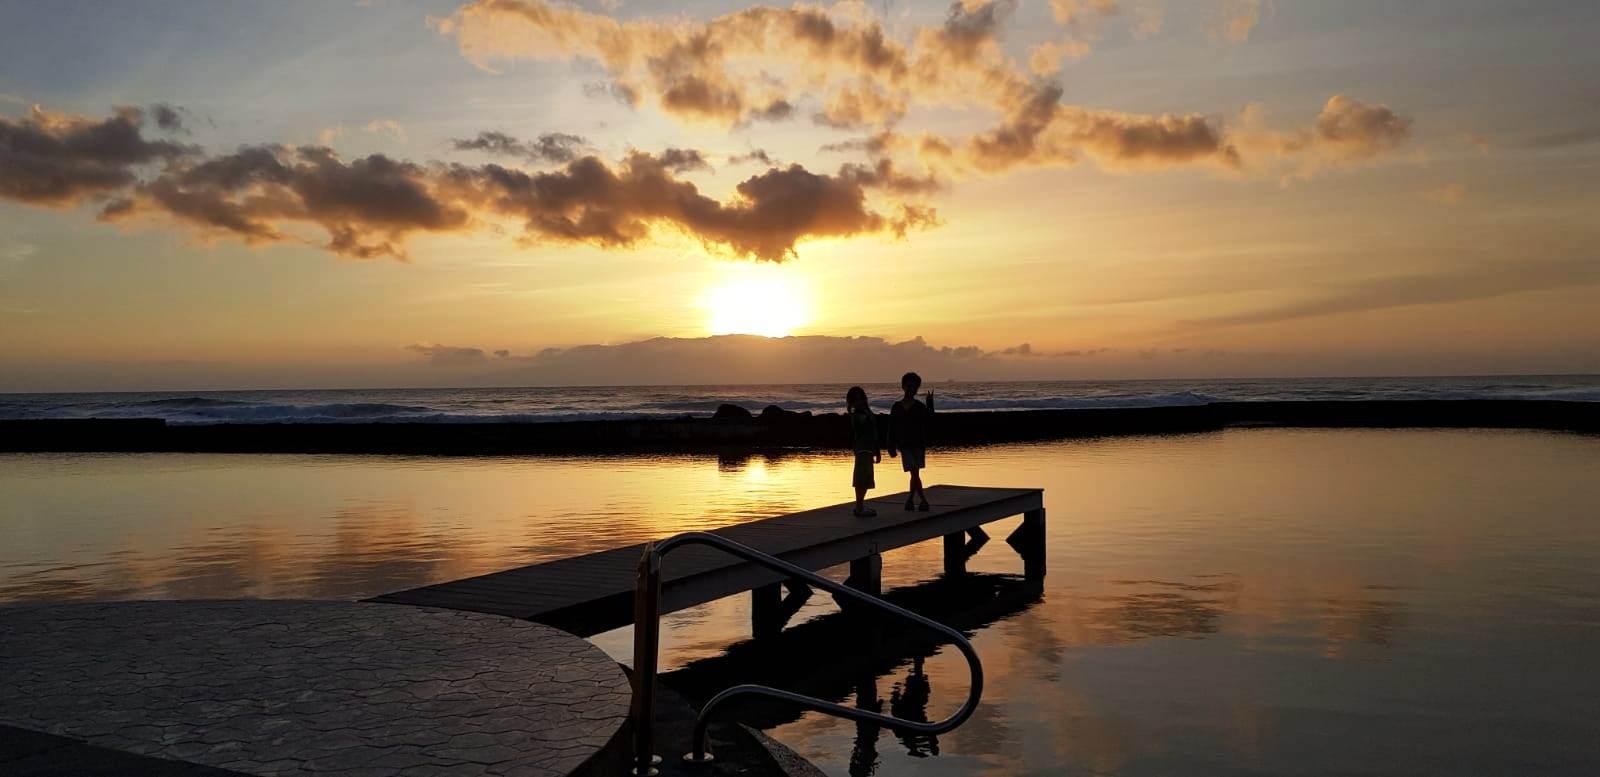 Plajele din Tenerife- vacantele turistilor - ANCAPAVEL.RO